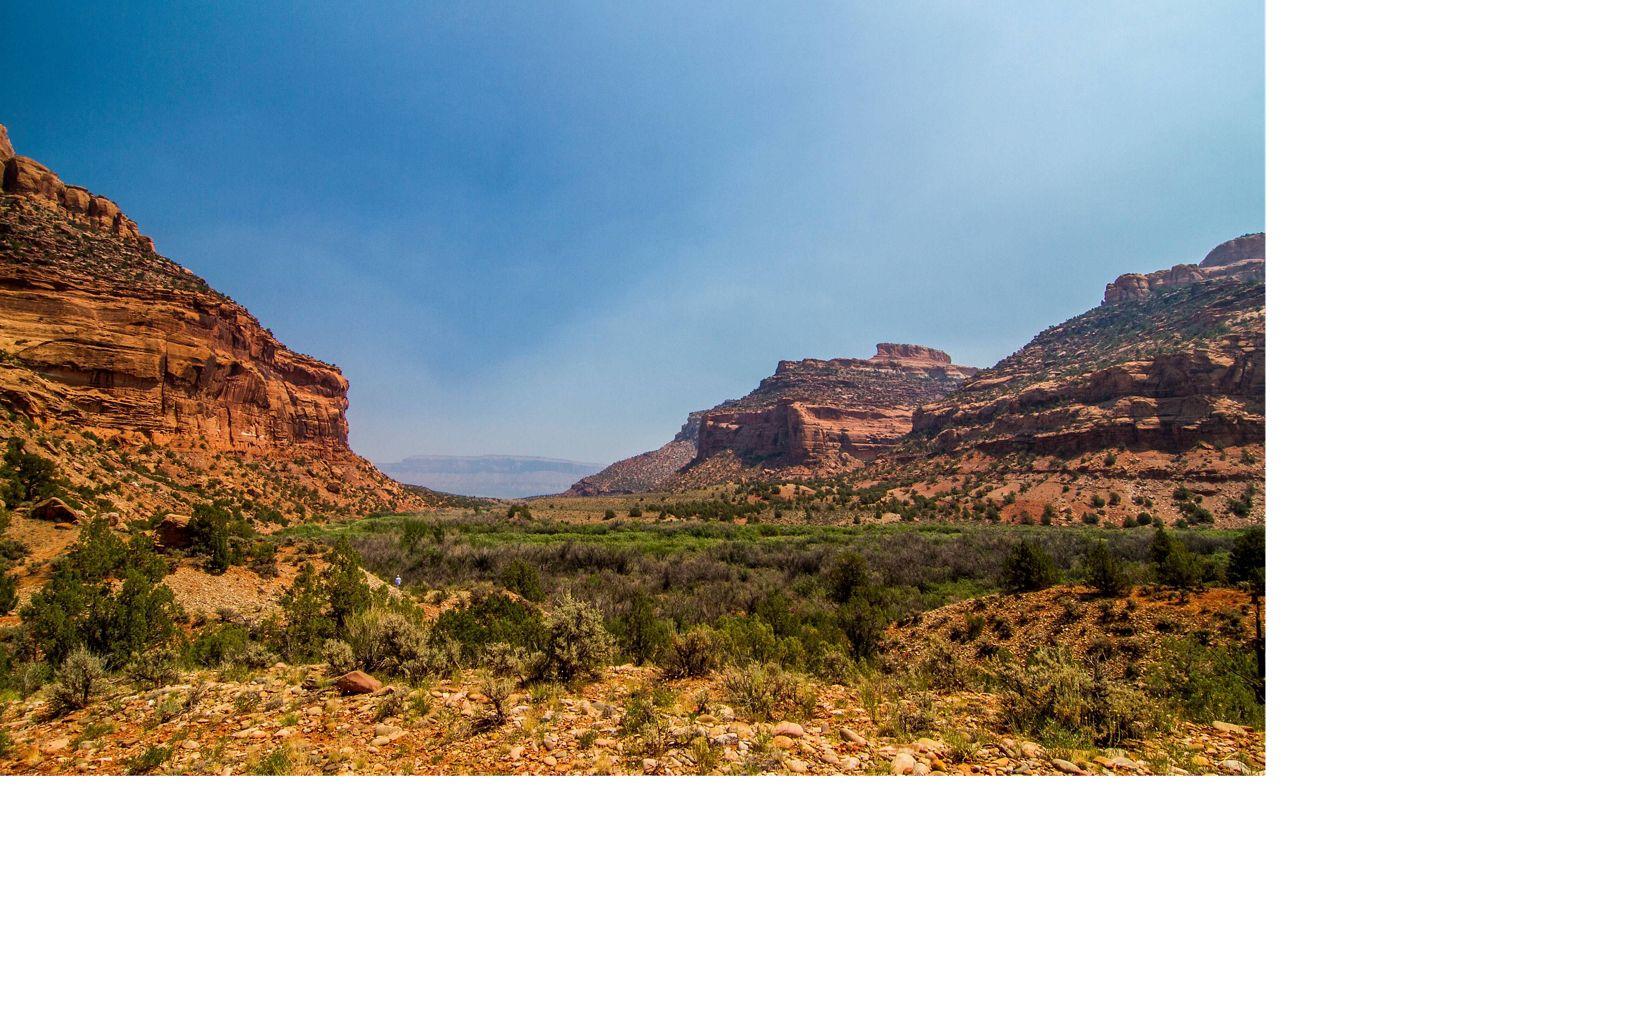 Southwest Colorado landscape near the Dolores River.